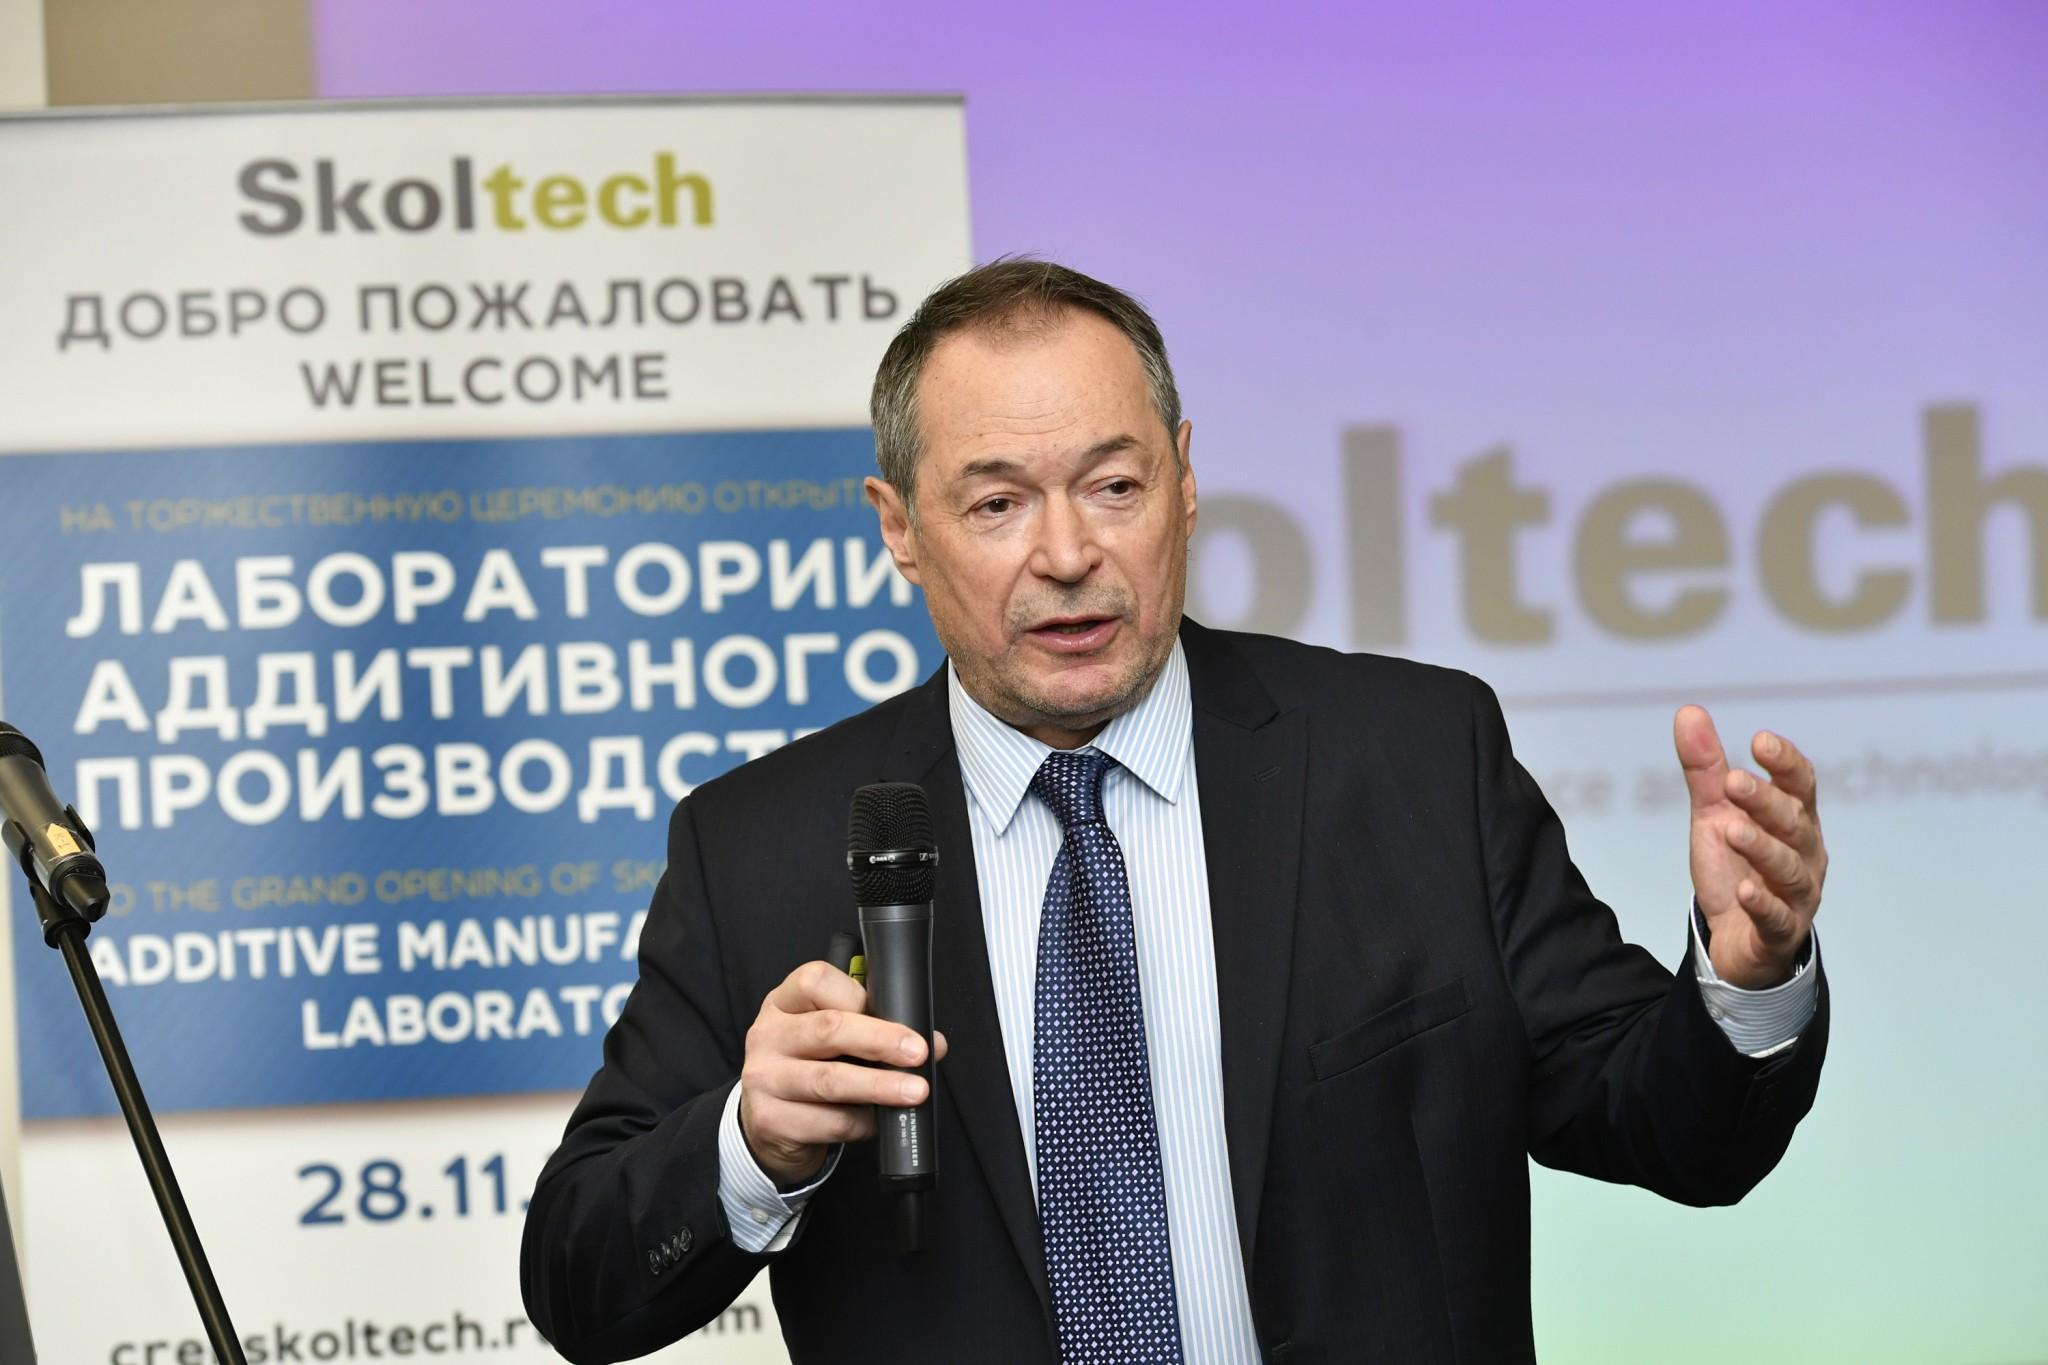 Akhatov skoltech am lab - Russisches Technologieinstitut Skoltech eröffnet 3D-Druck Labor